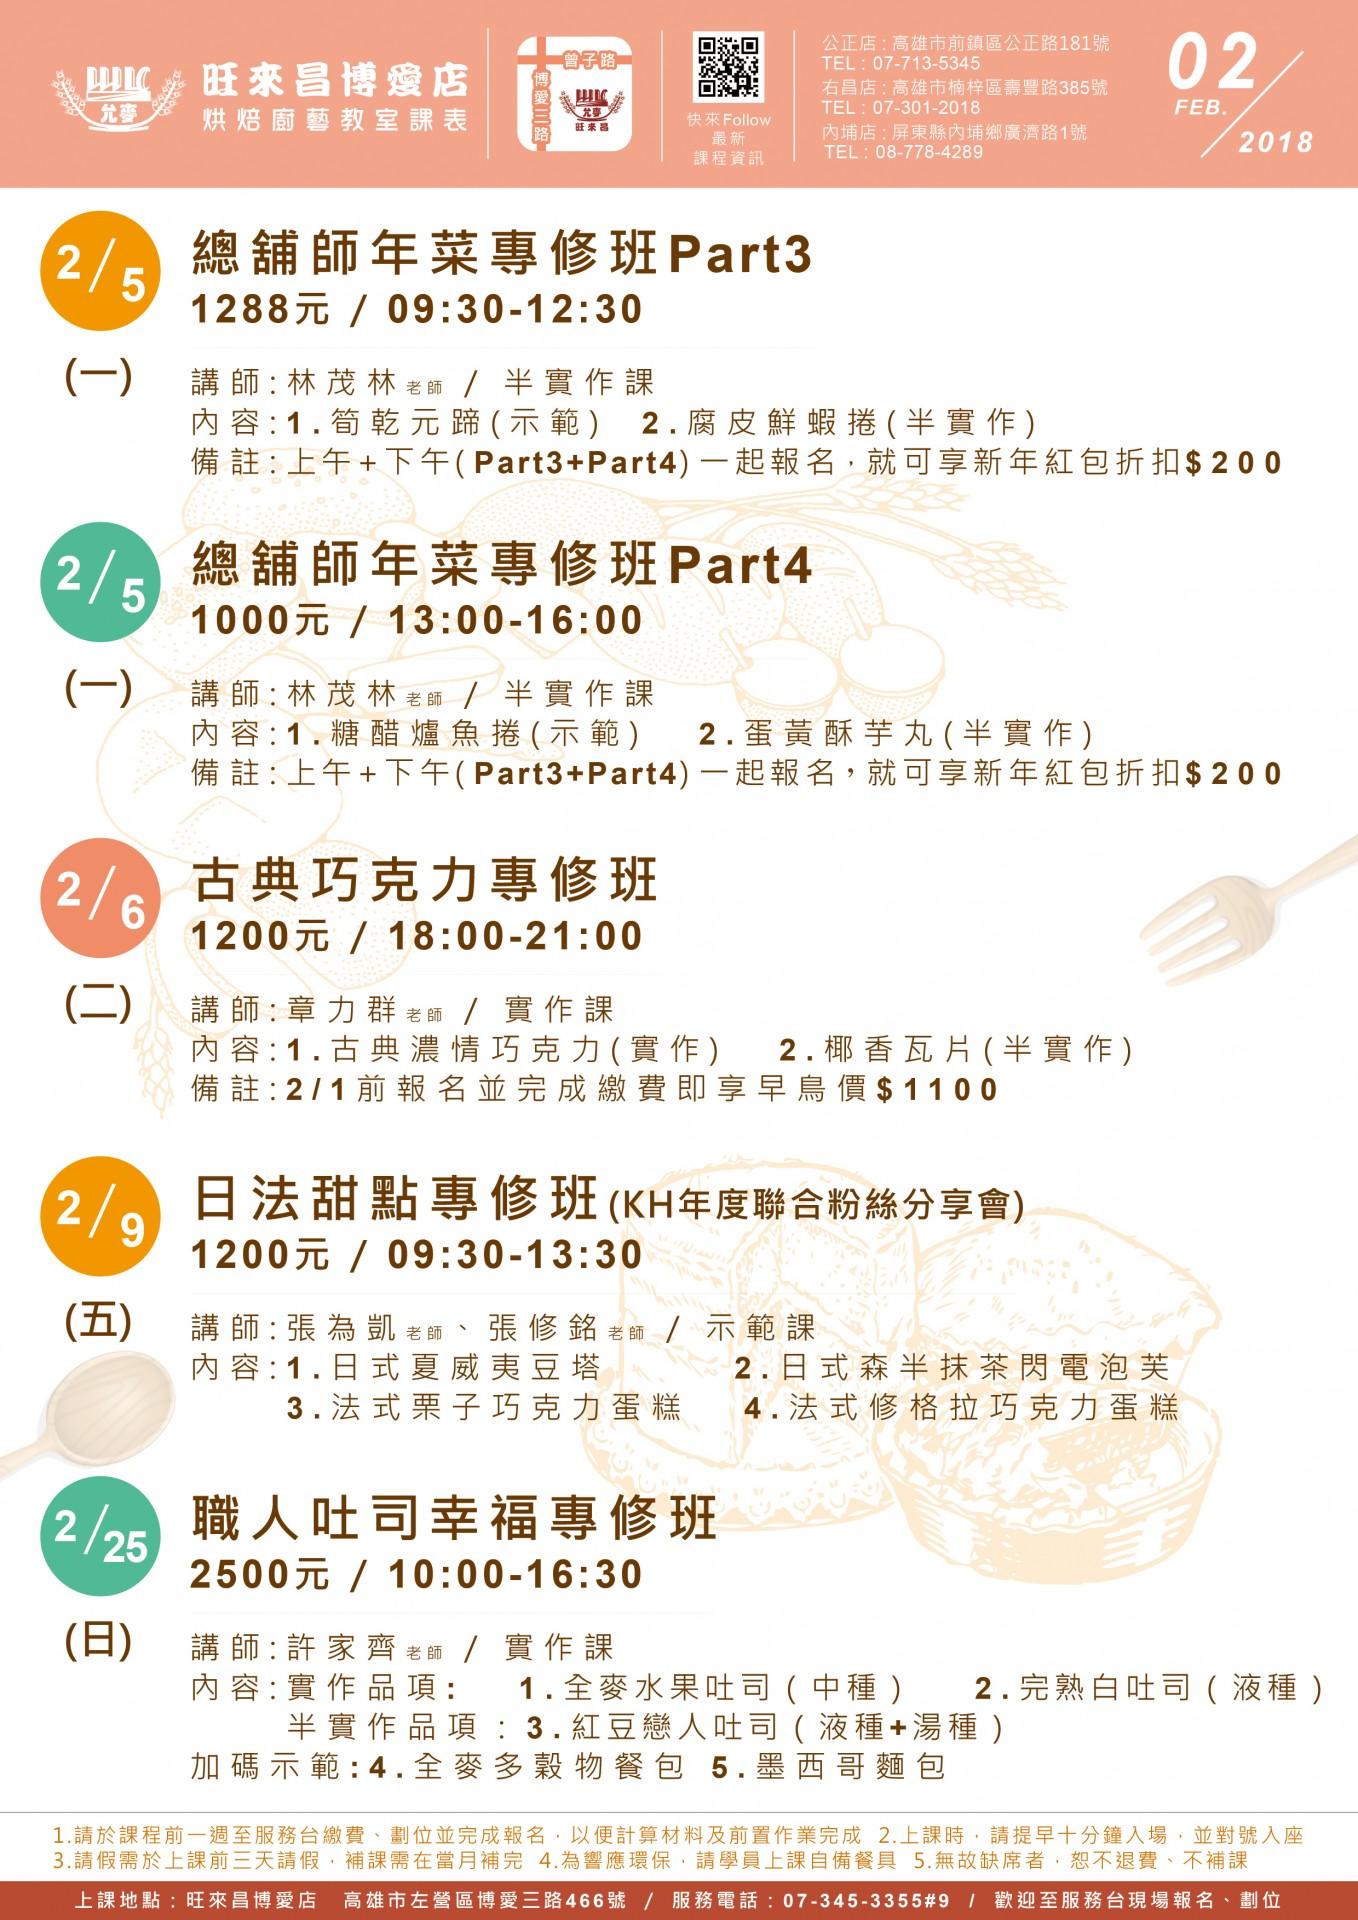 2018年2月博愛店課表